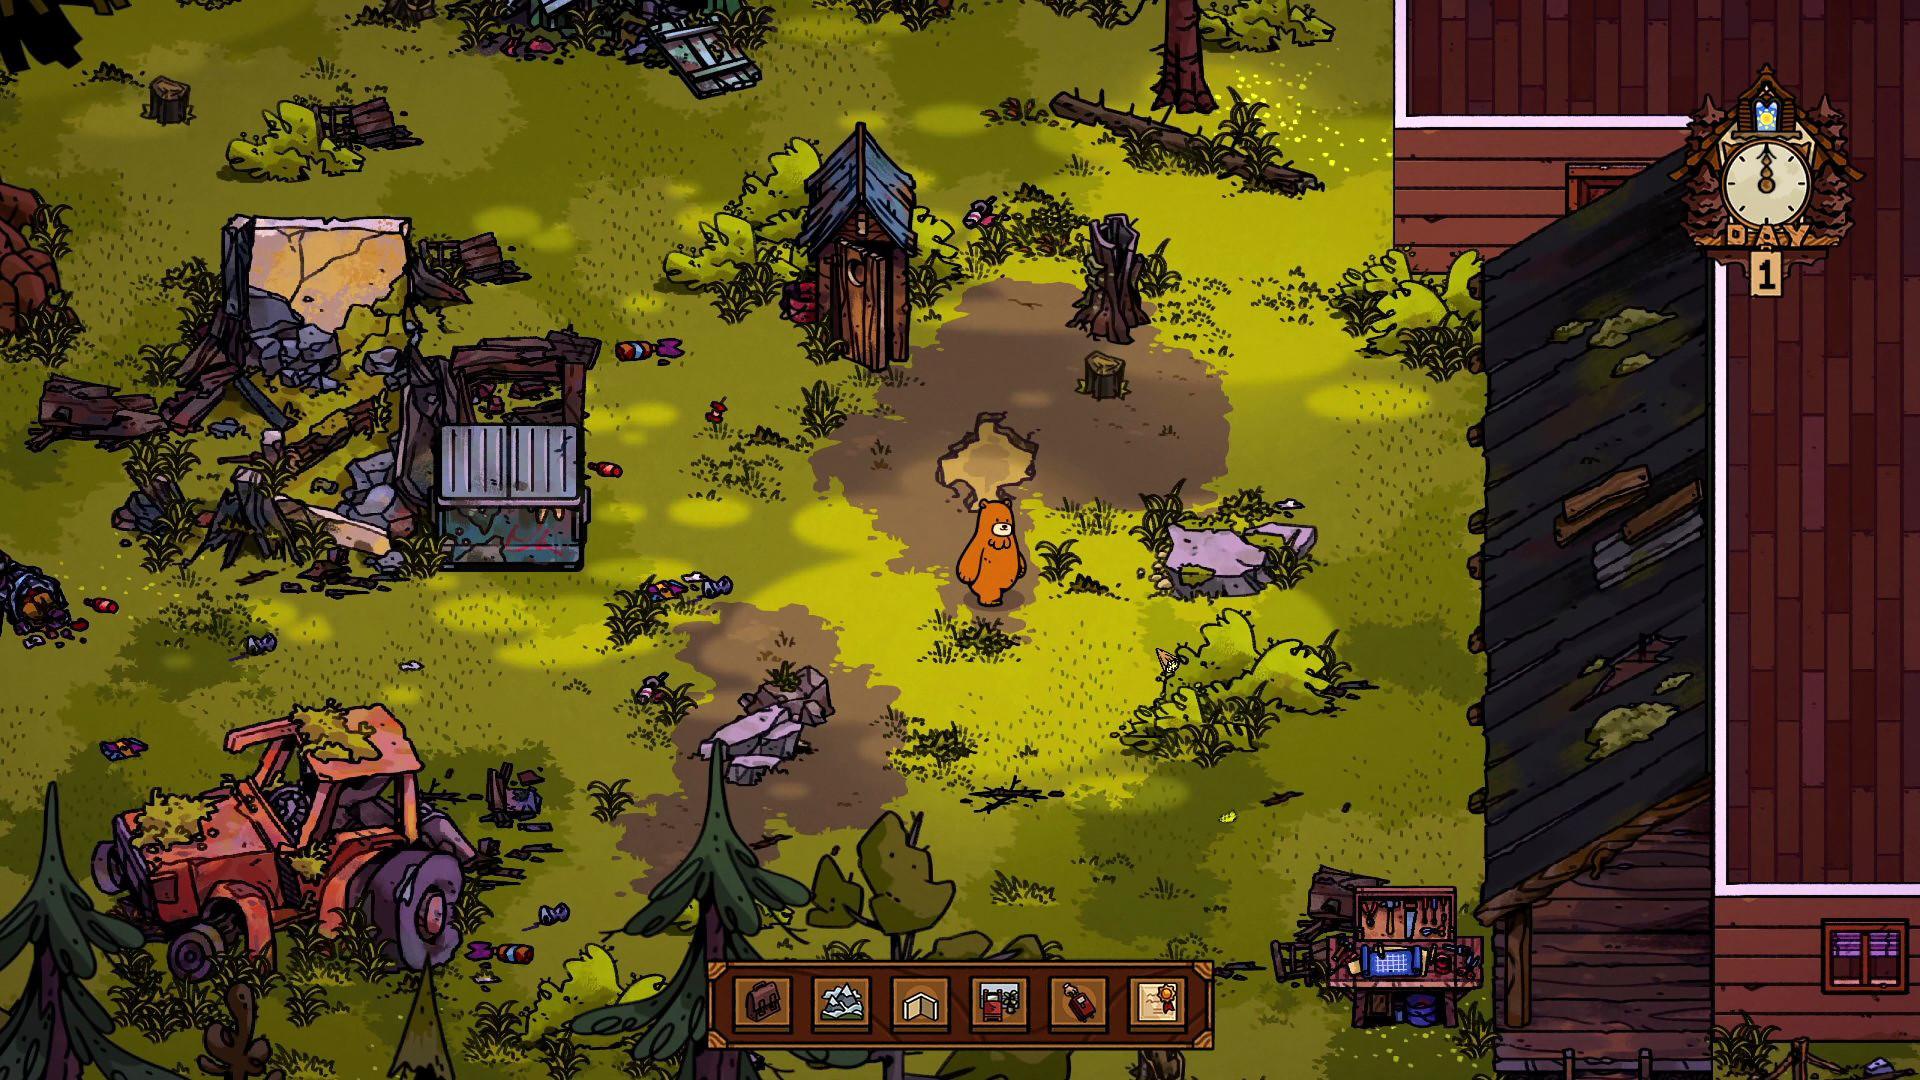 模拟经营游戏《熊与早餐》预计今年内发售 Steam 游戏资讯 第1张